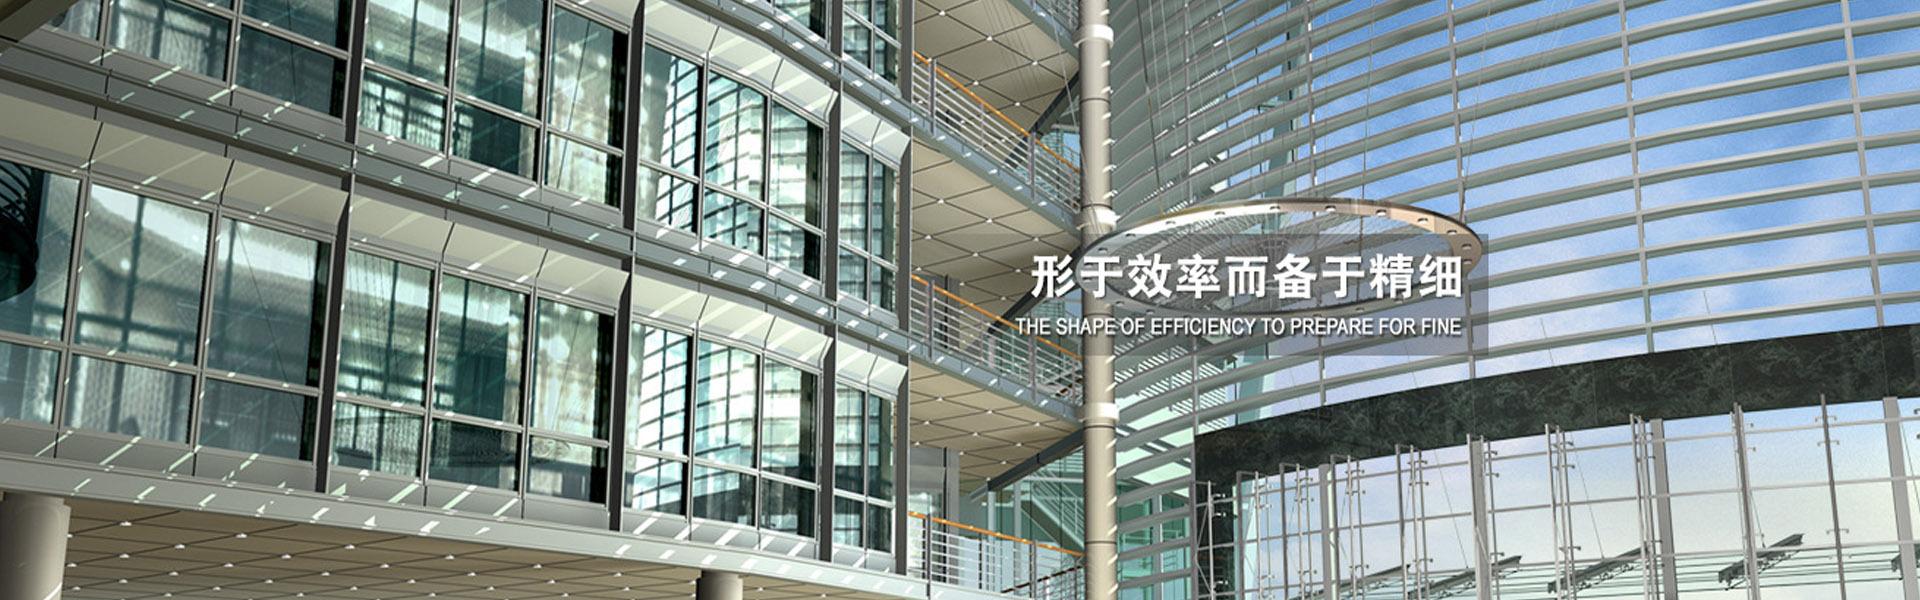 葡京娱乐场pj23.com